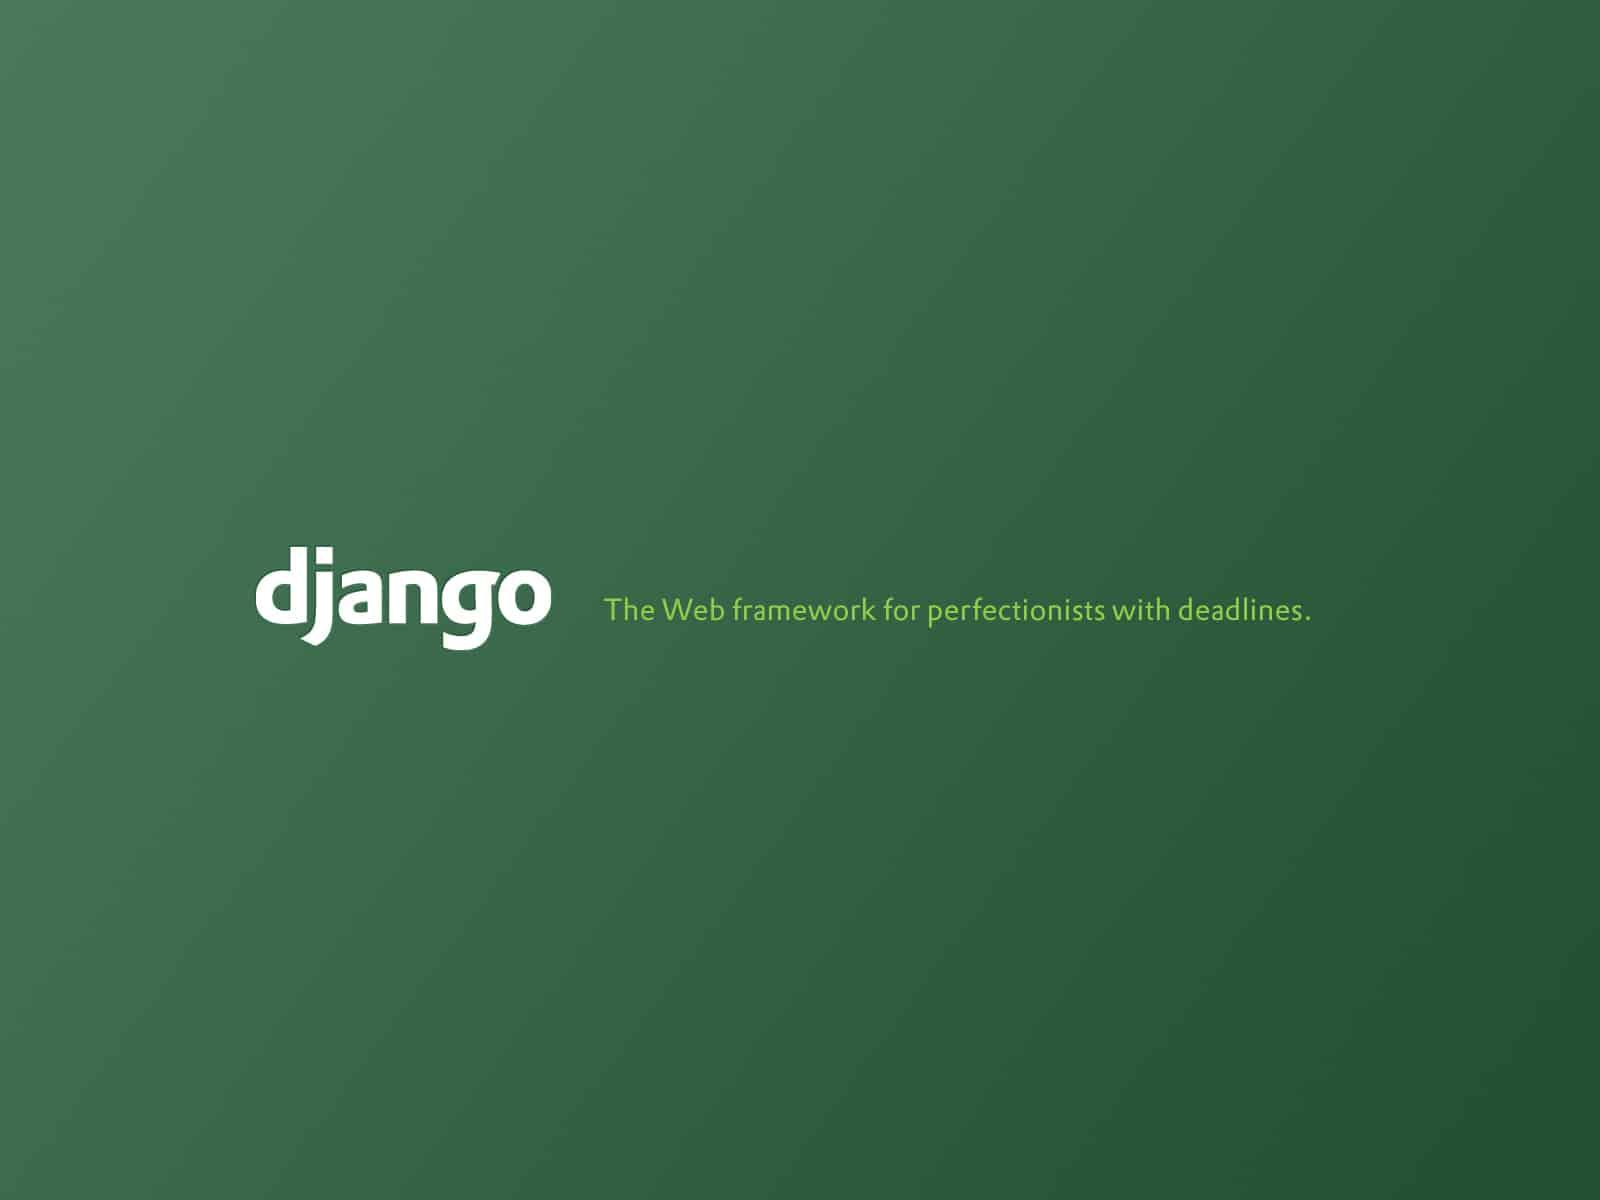 Django tagline